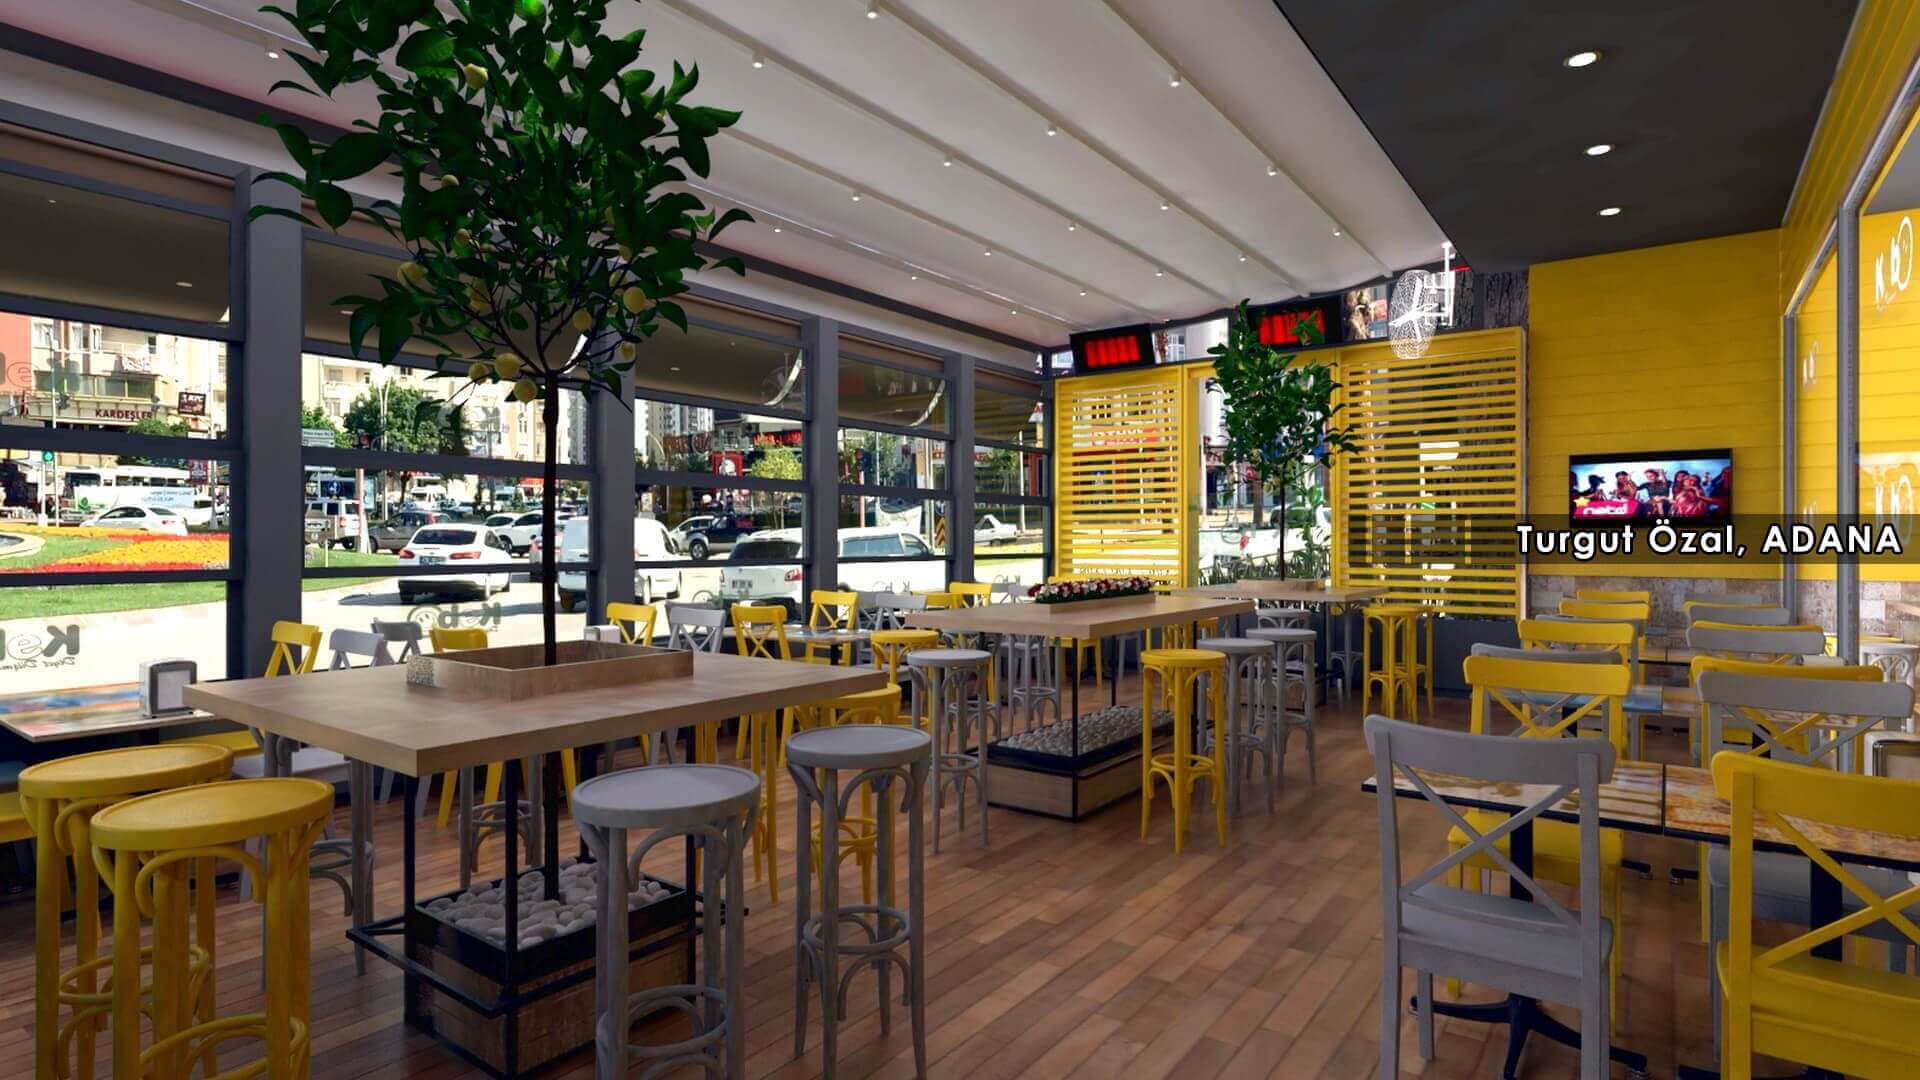 restorant iç tasarım 2114 Kebo 2017 Restoranlar